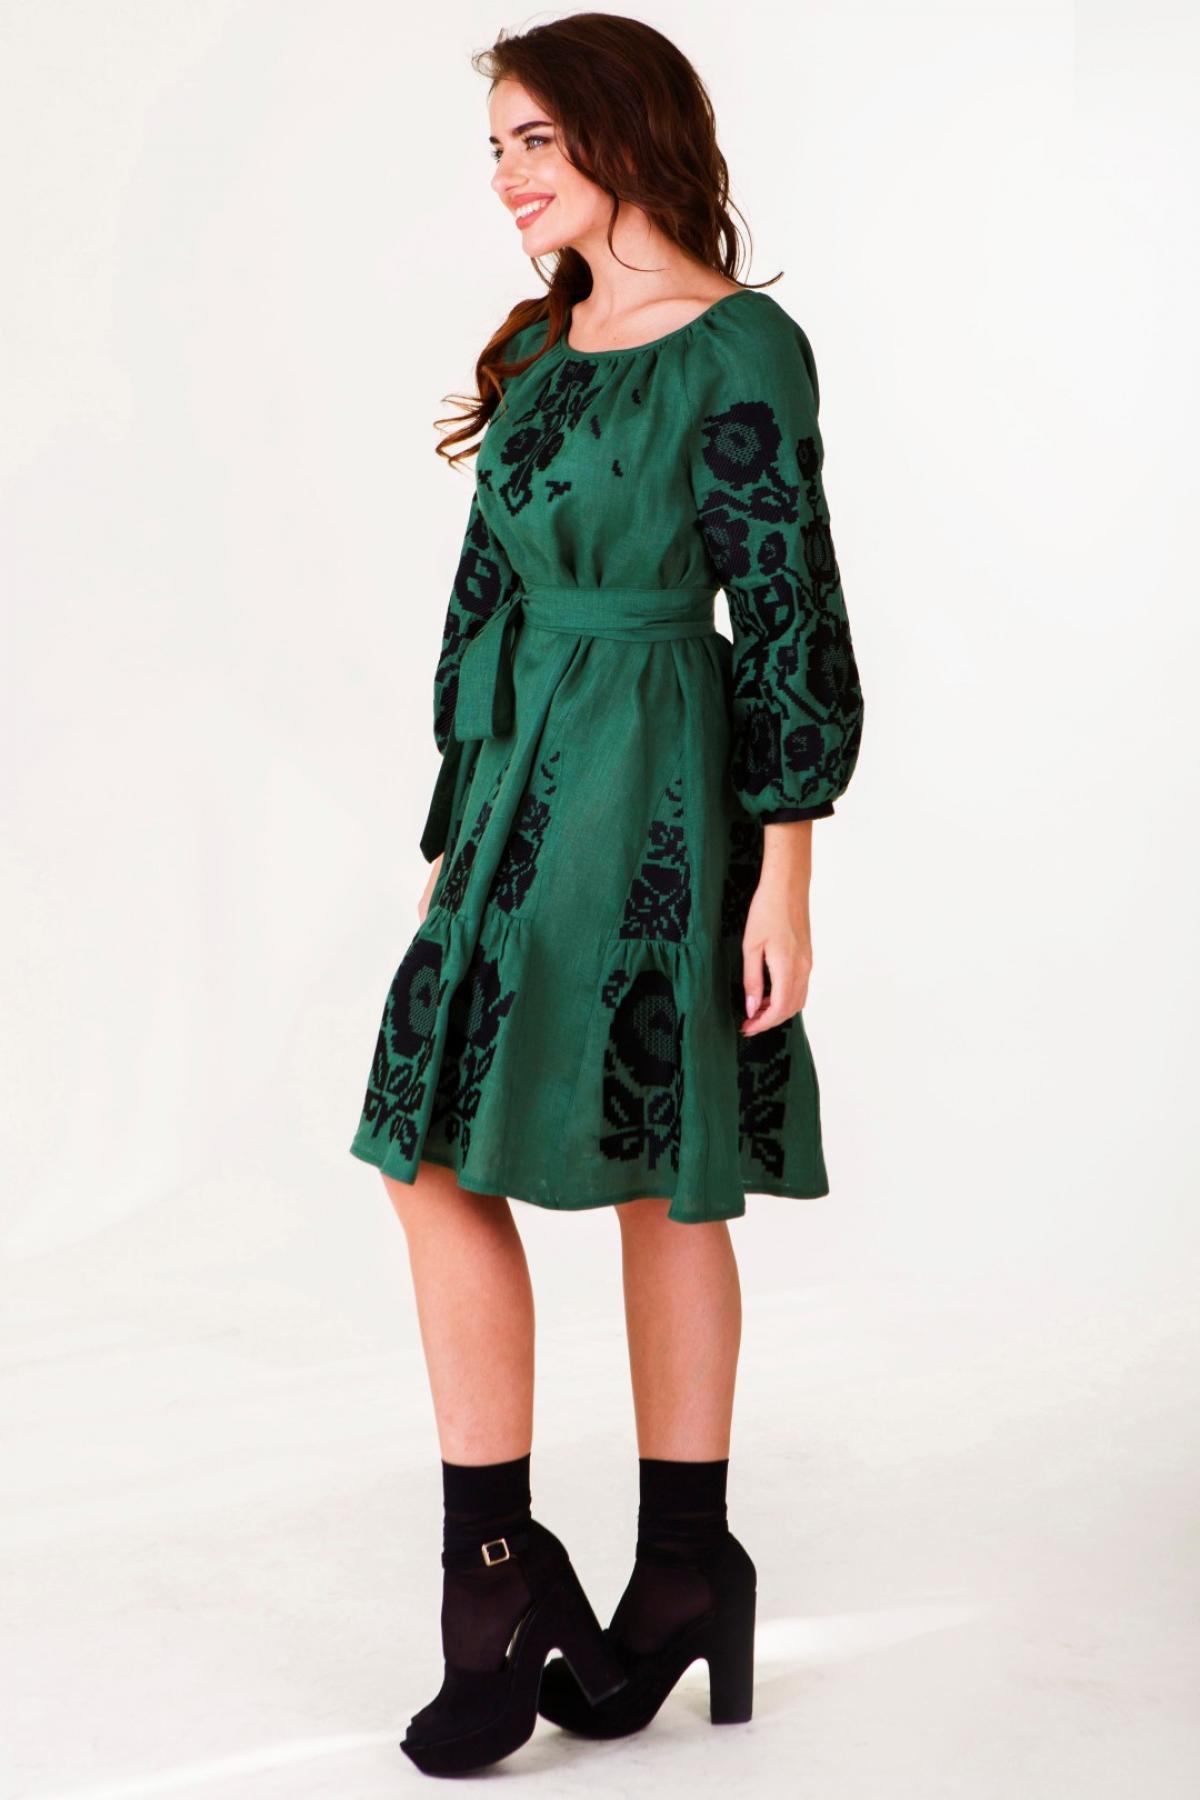 Оливково-зелена вишита сукня. Фото №3. | Народний дім Україна